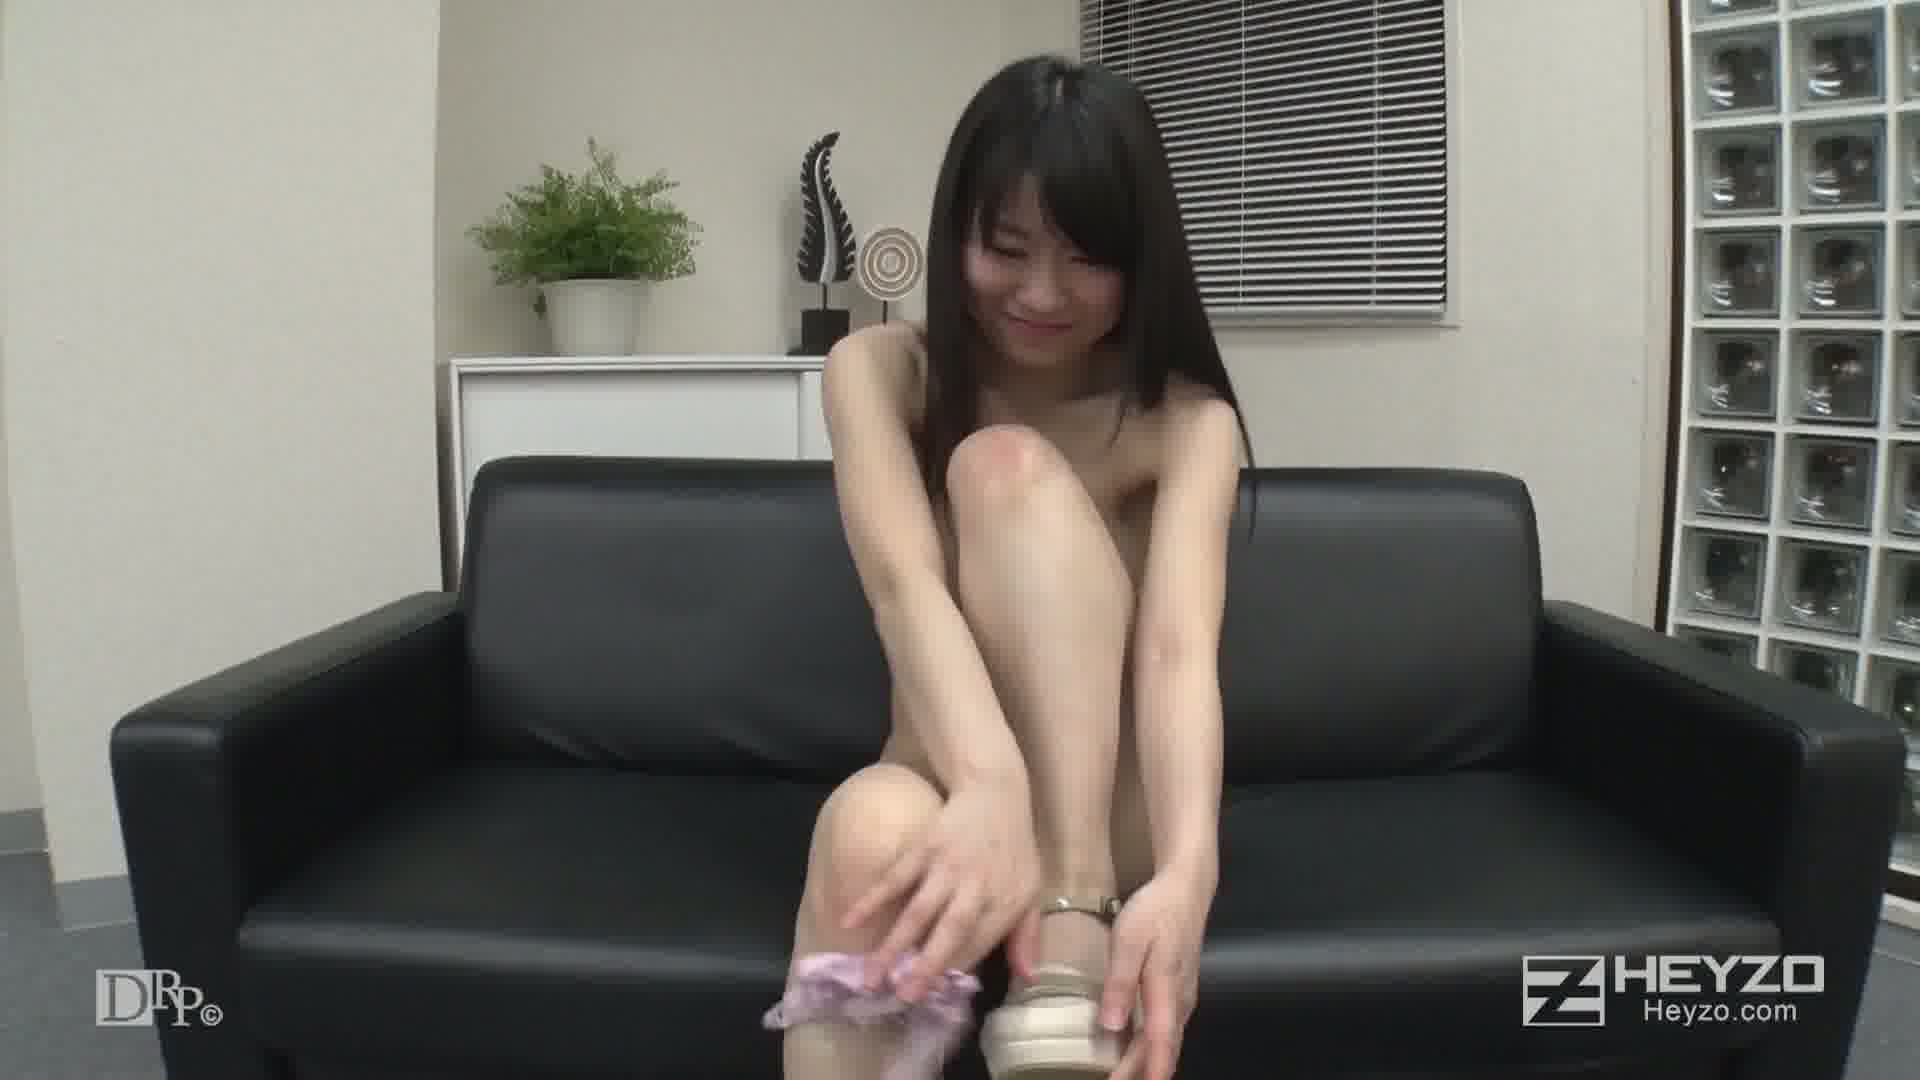 オナニー大好き!~でも、本当は。。。SEXがもっと好き!!~ - 雨宮ののか【インタビュー オナニー】